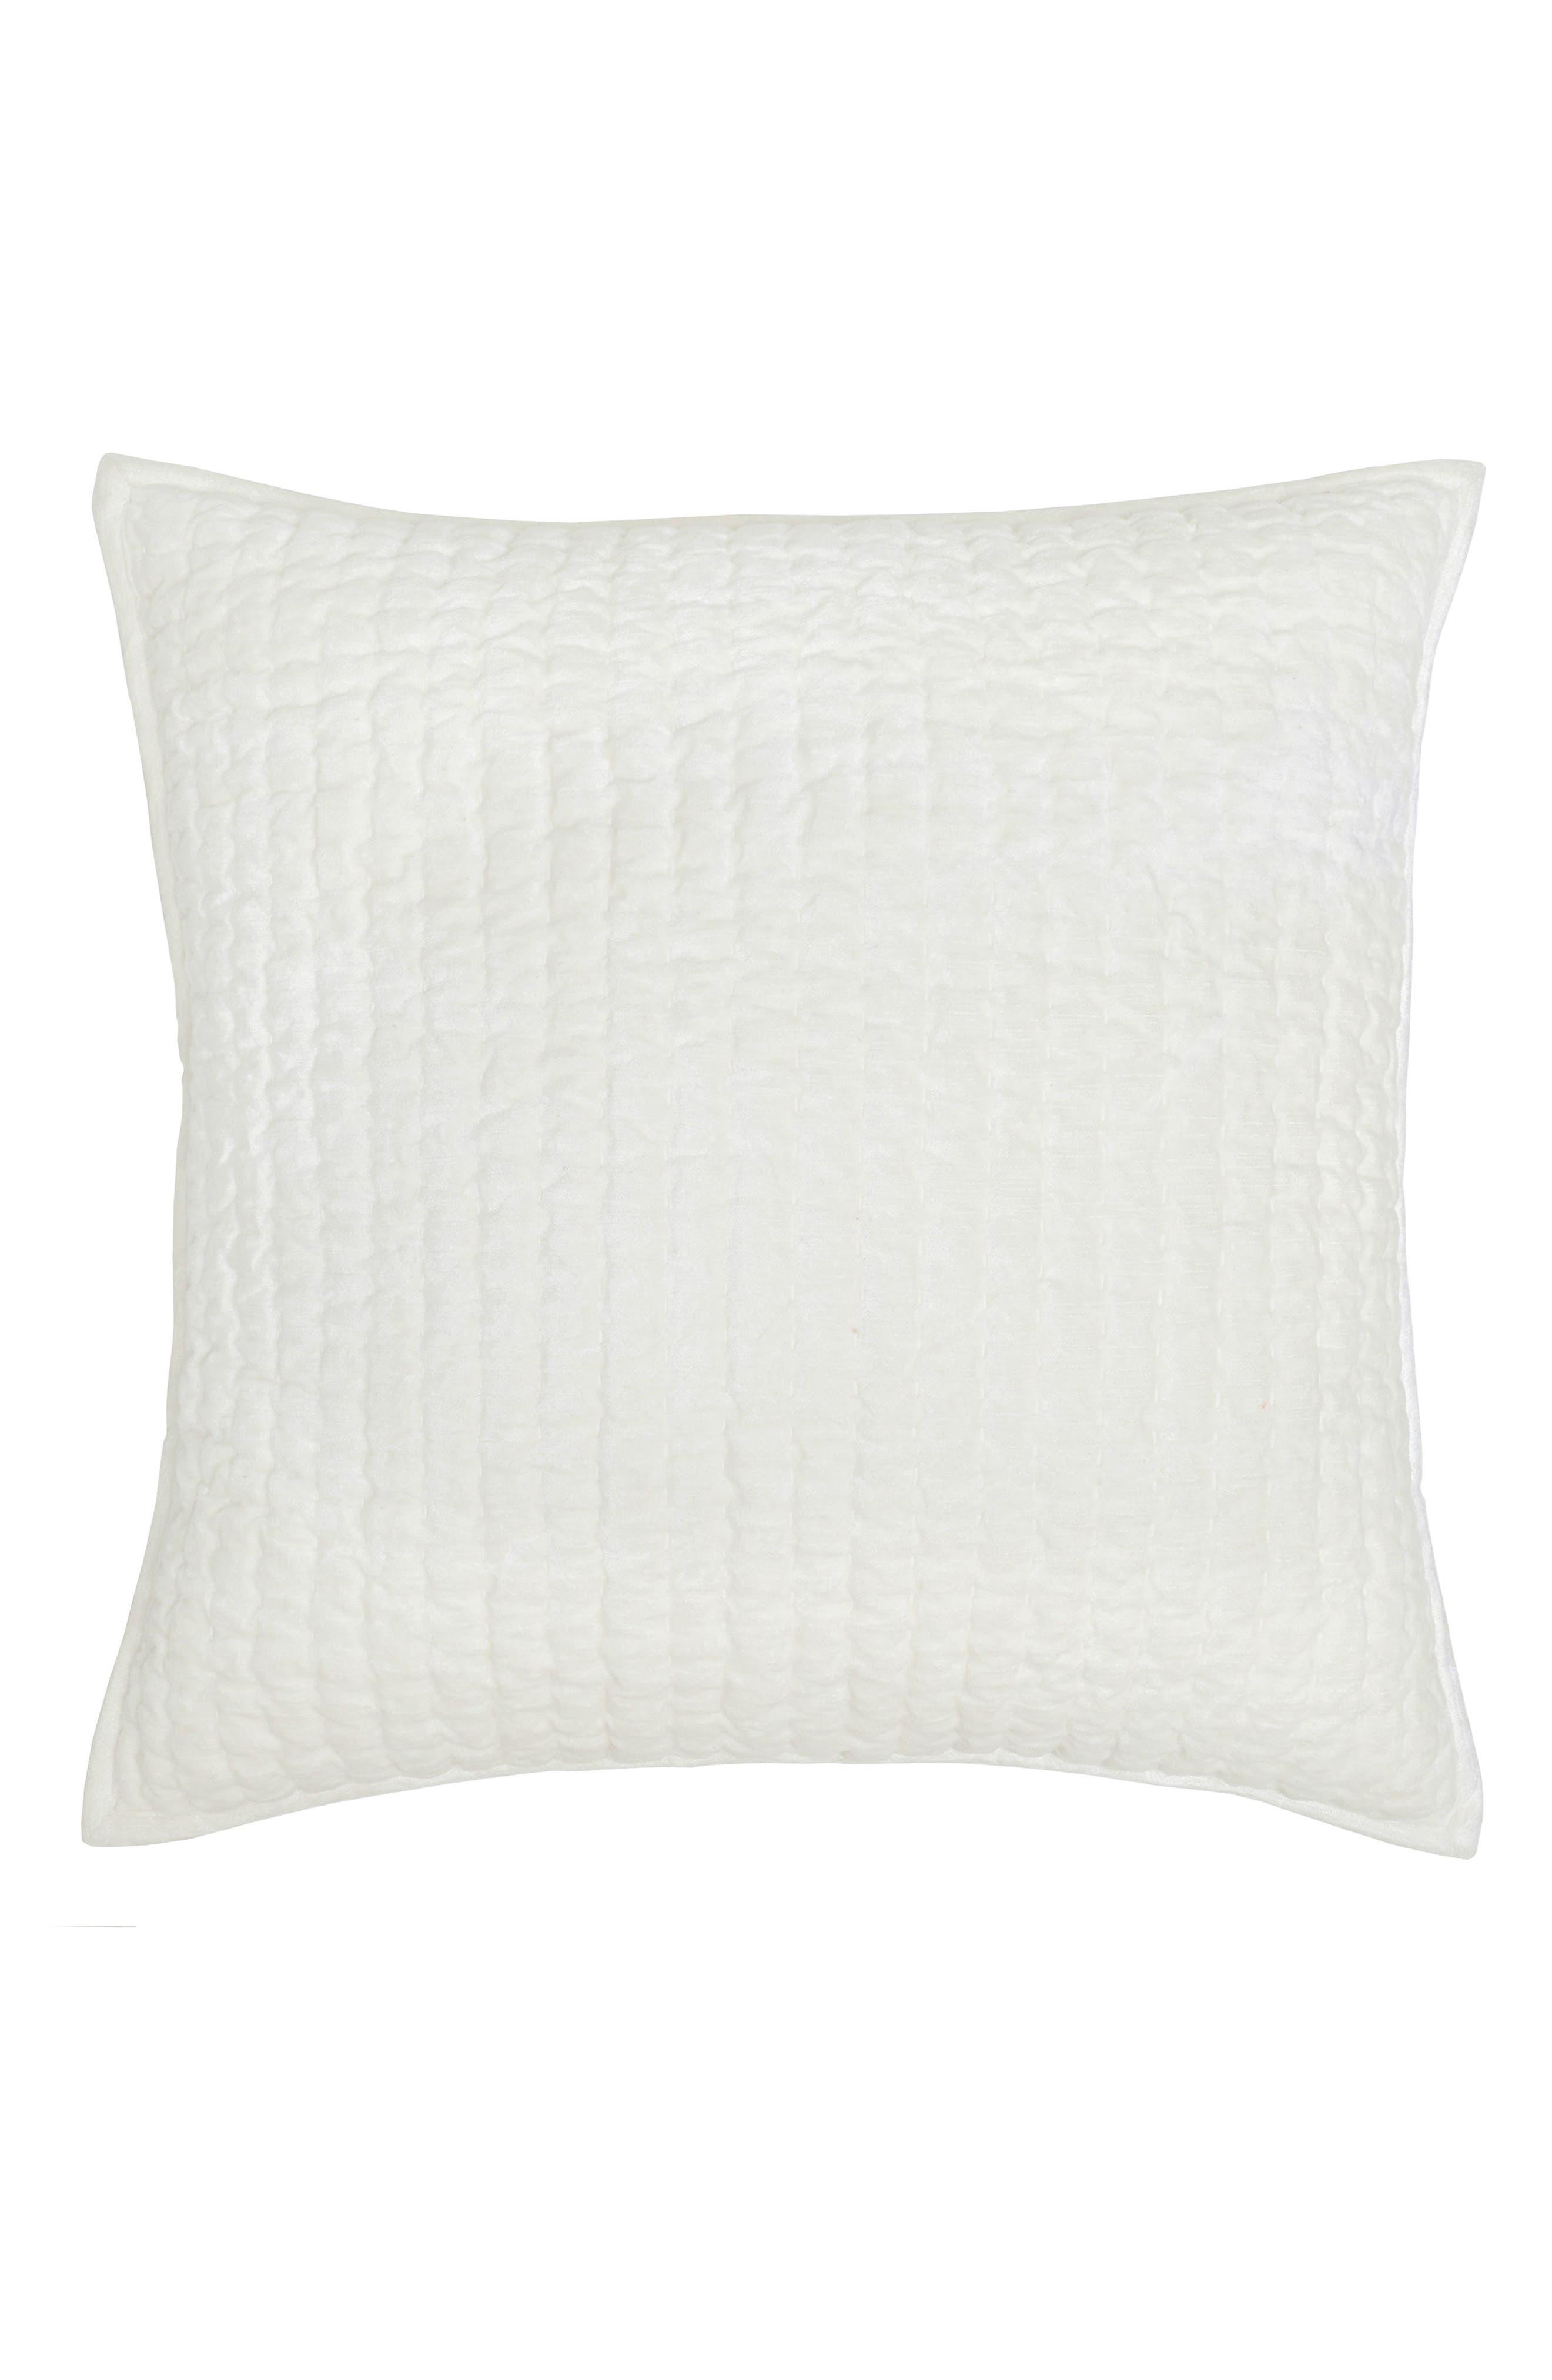 Maison Accent Pillow,                         Main,                         color, Cloud